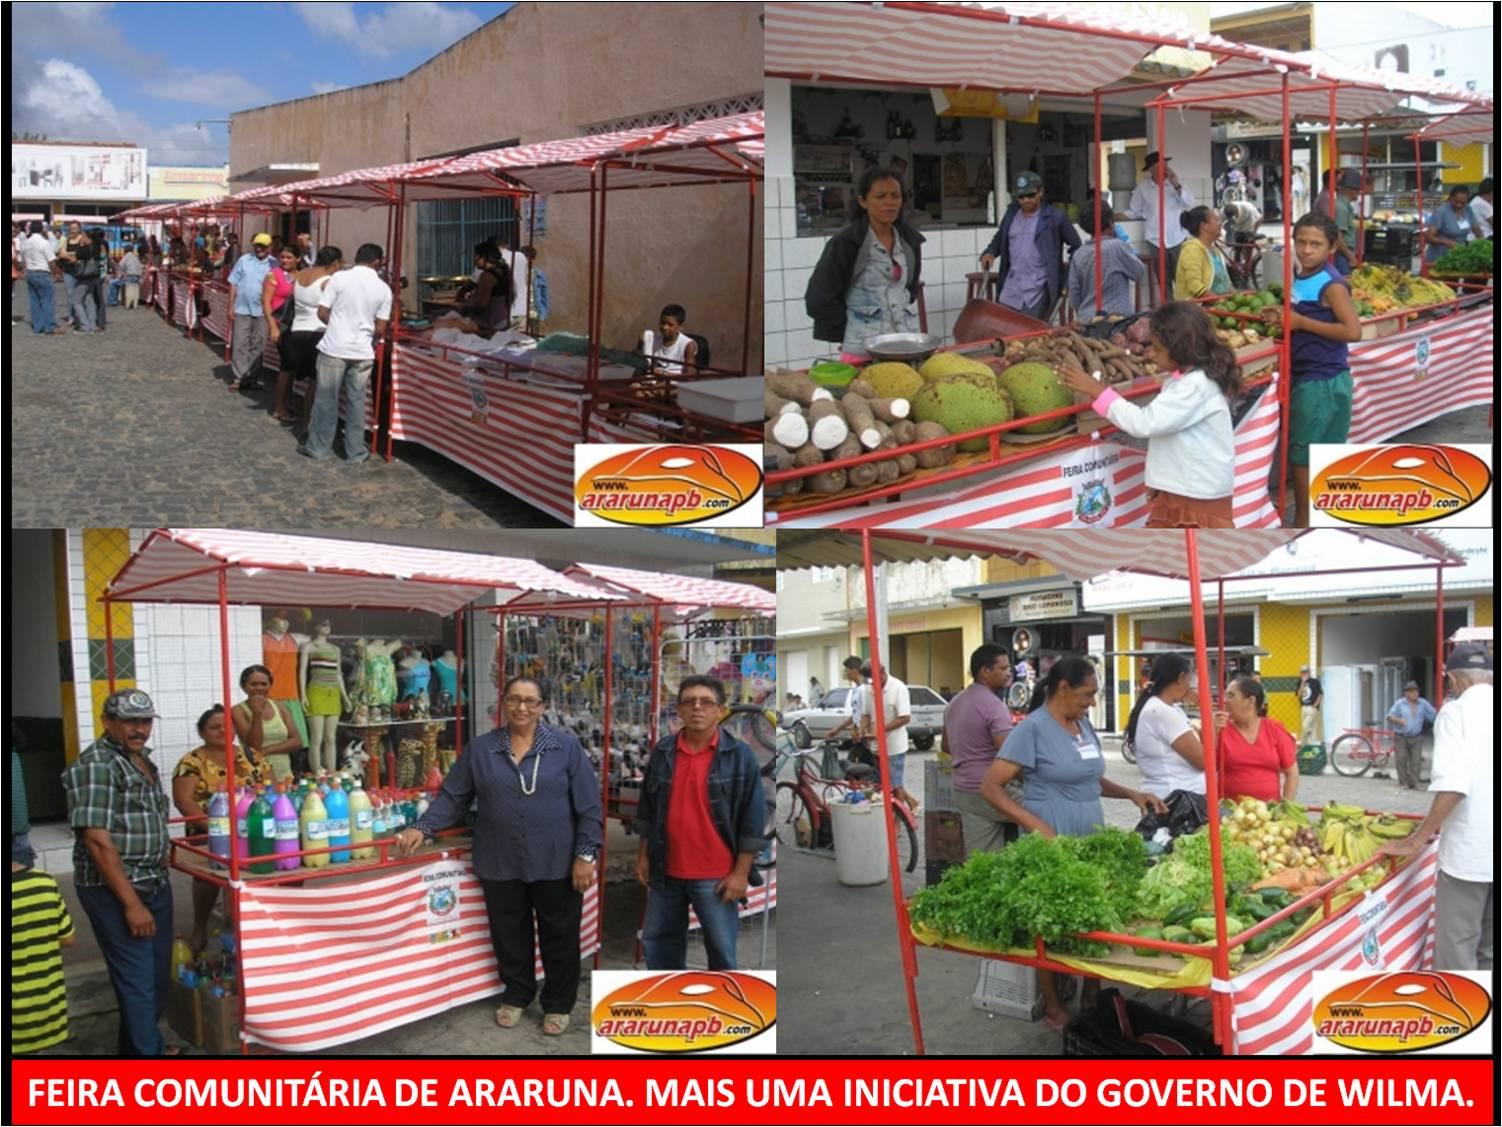 #BD100E  às atividades comerciais livres projeto feira livre comunitária 1502x1127 px Projeto Cozinha Comunitária Governo Federal_4147 Imagens